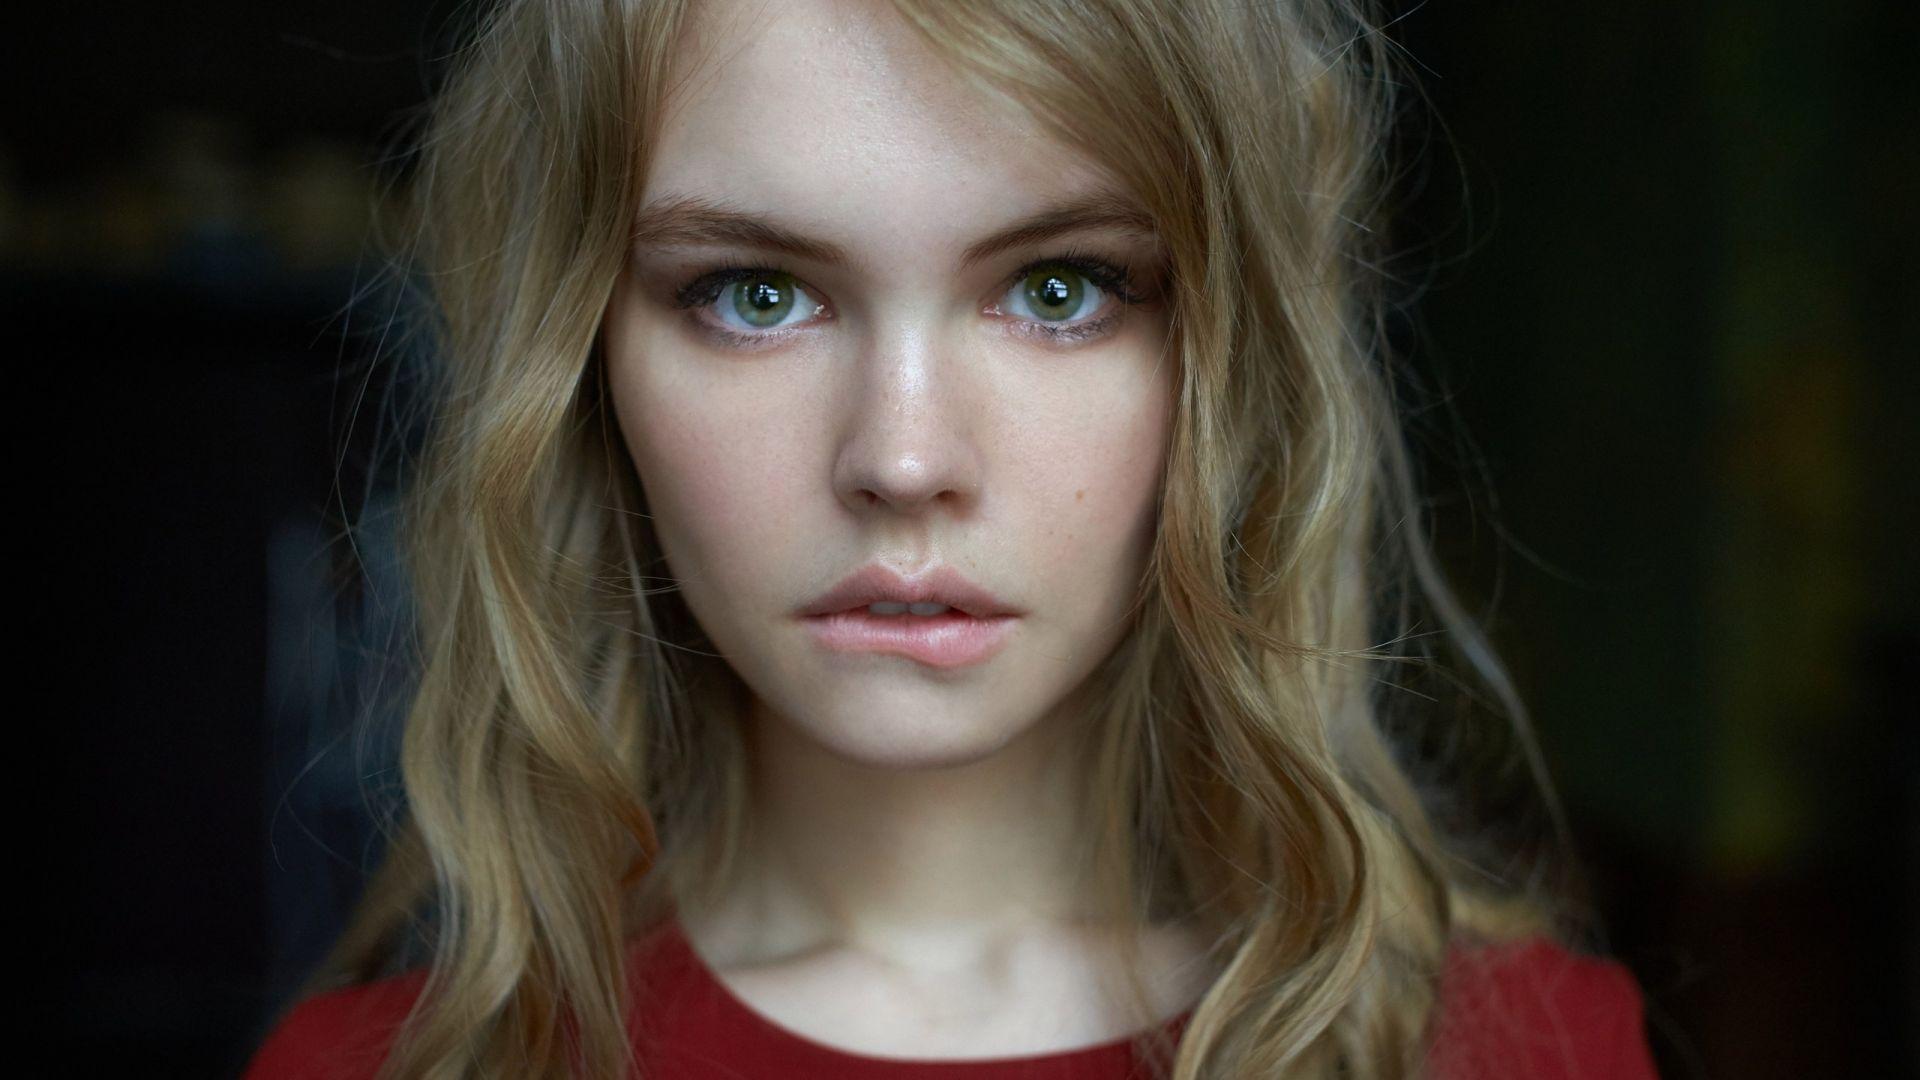 Wallpaper Anastasia scheglova, face, girl model, green eyes